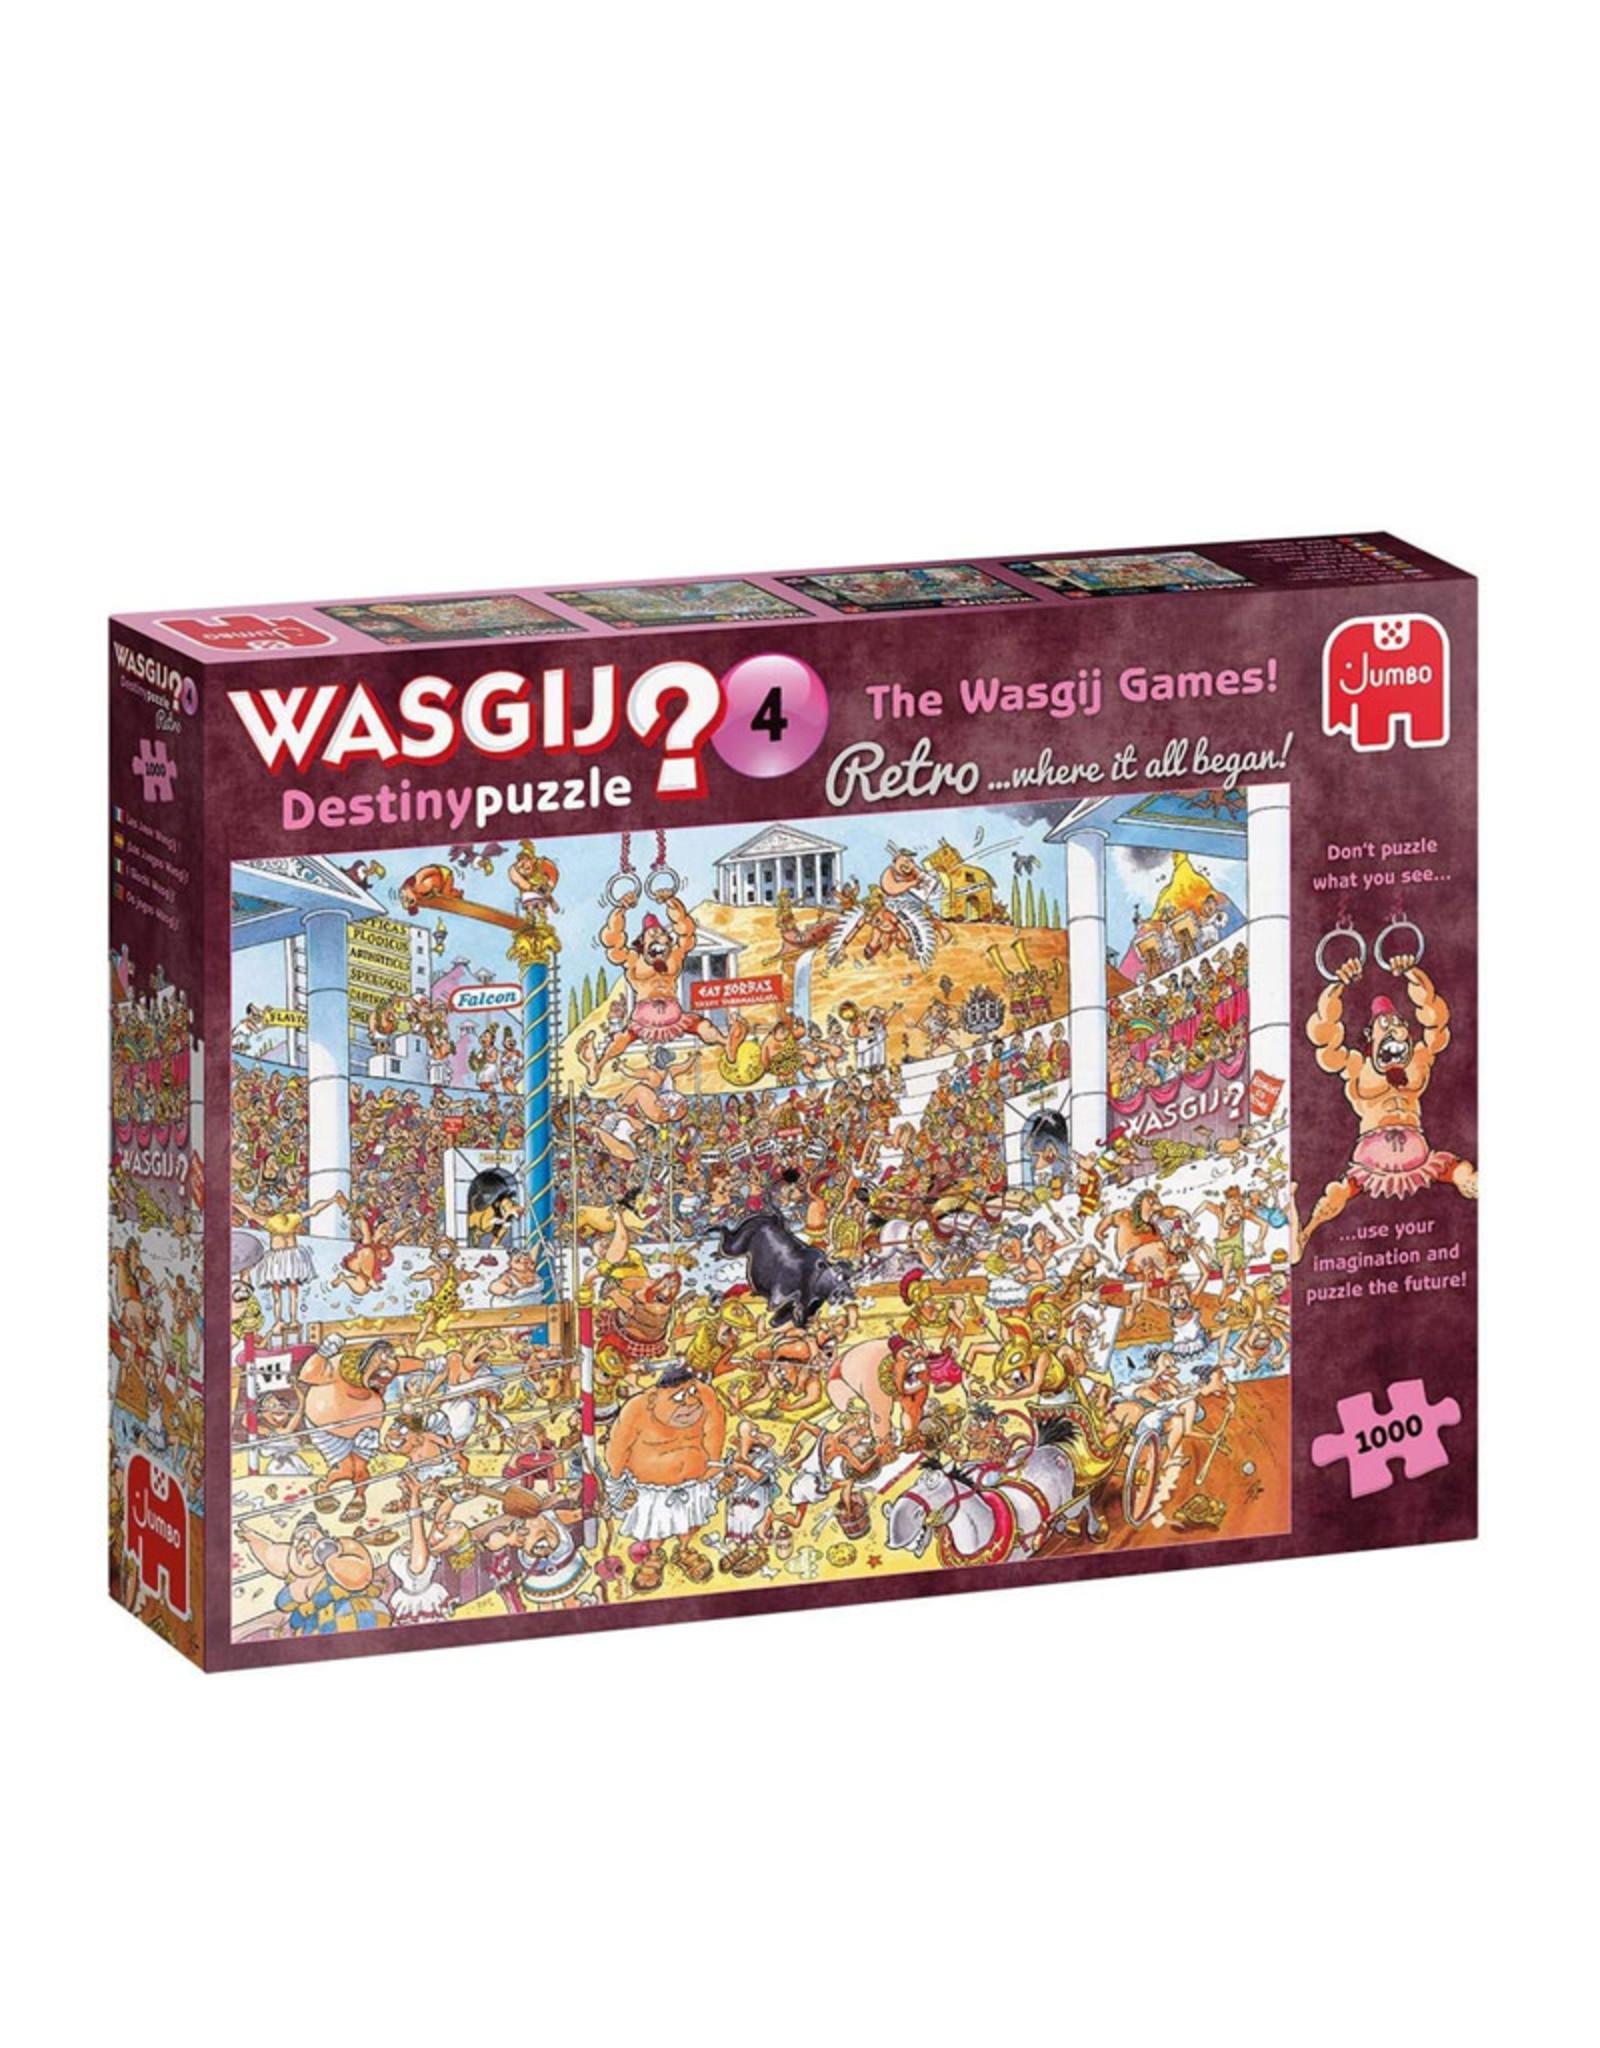 Wasgij? 4 ( Destiny Puzzle ) The Wasgij Games !